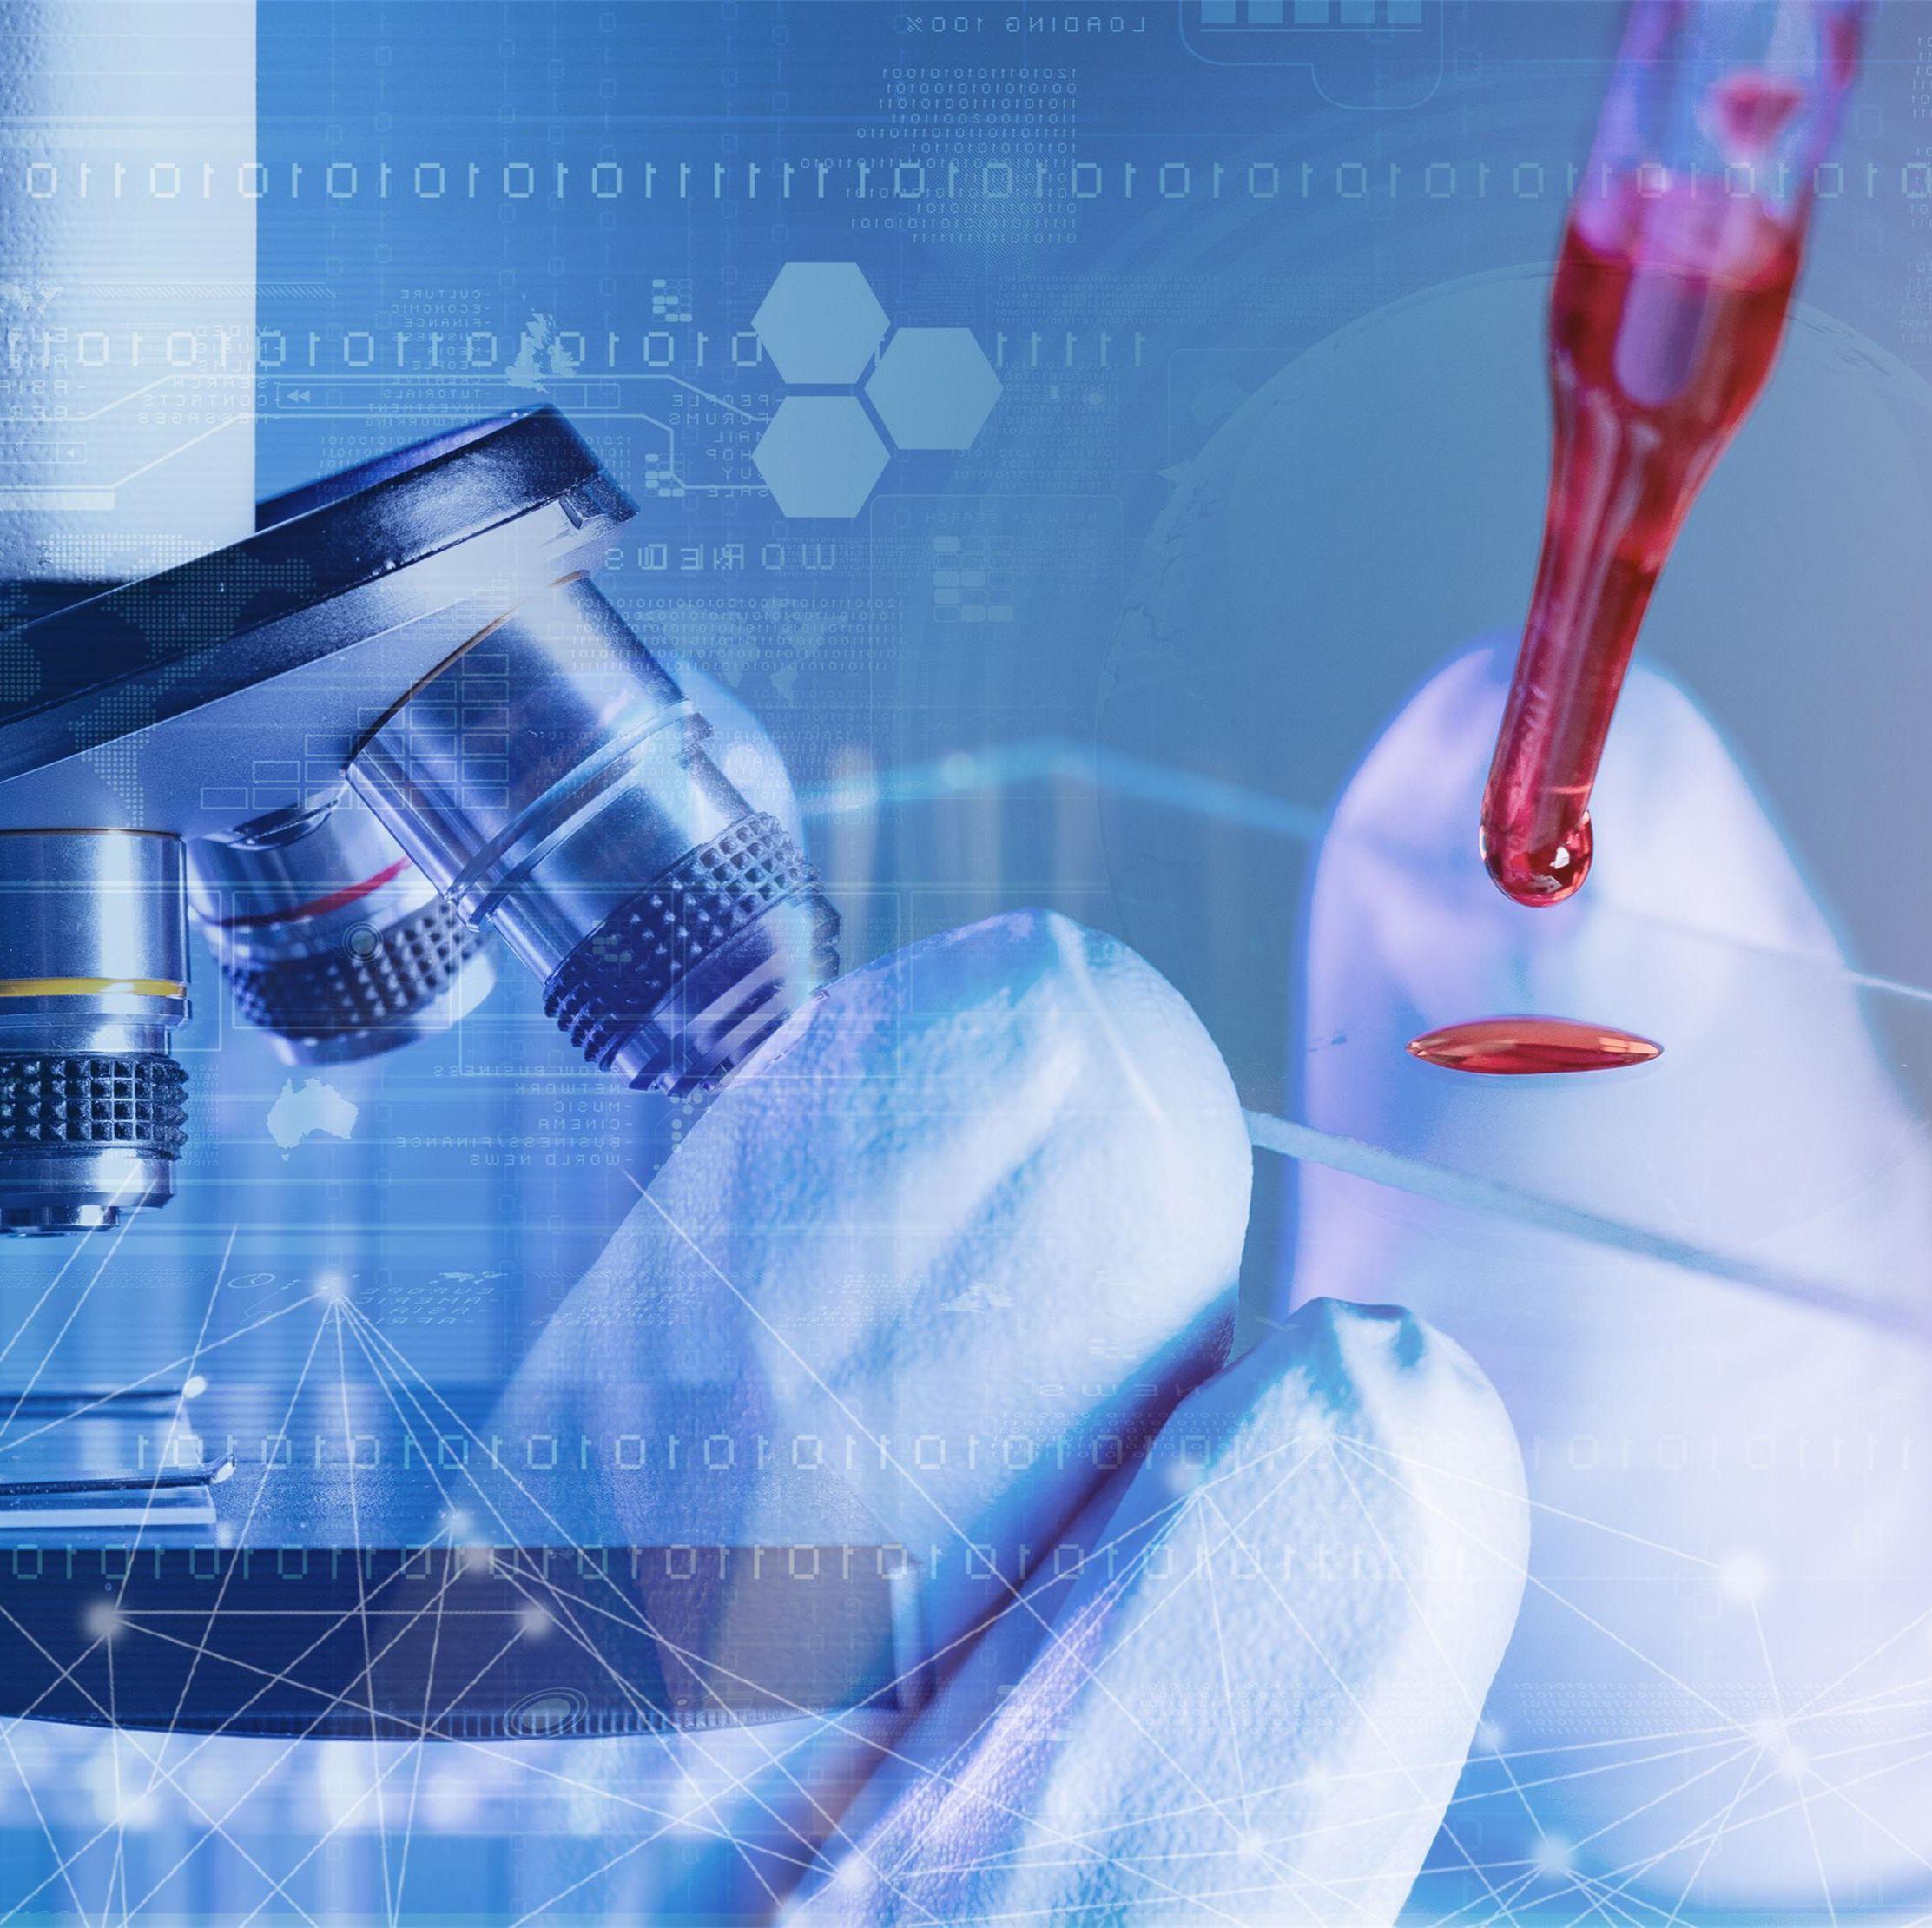 基因合成/免费设计方案/酶切位点的设计、密码子的优化/签订服务协议和保密合同/将合成的基因克隆到指定的载体上/擎科生物TSINGKE